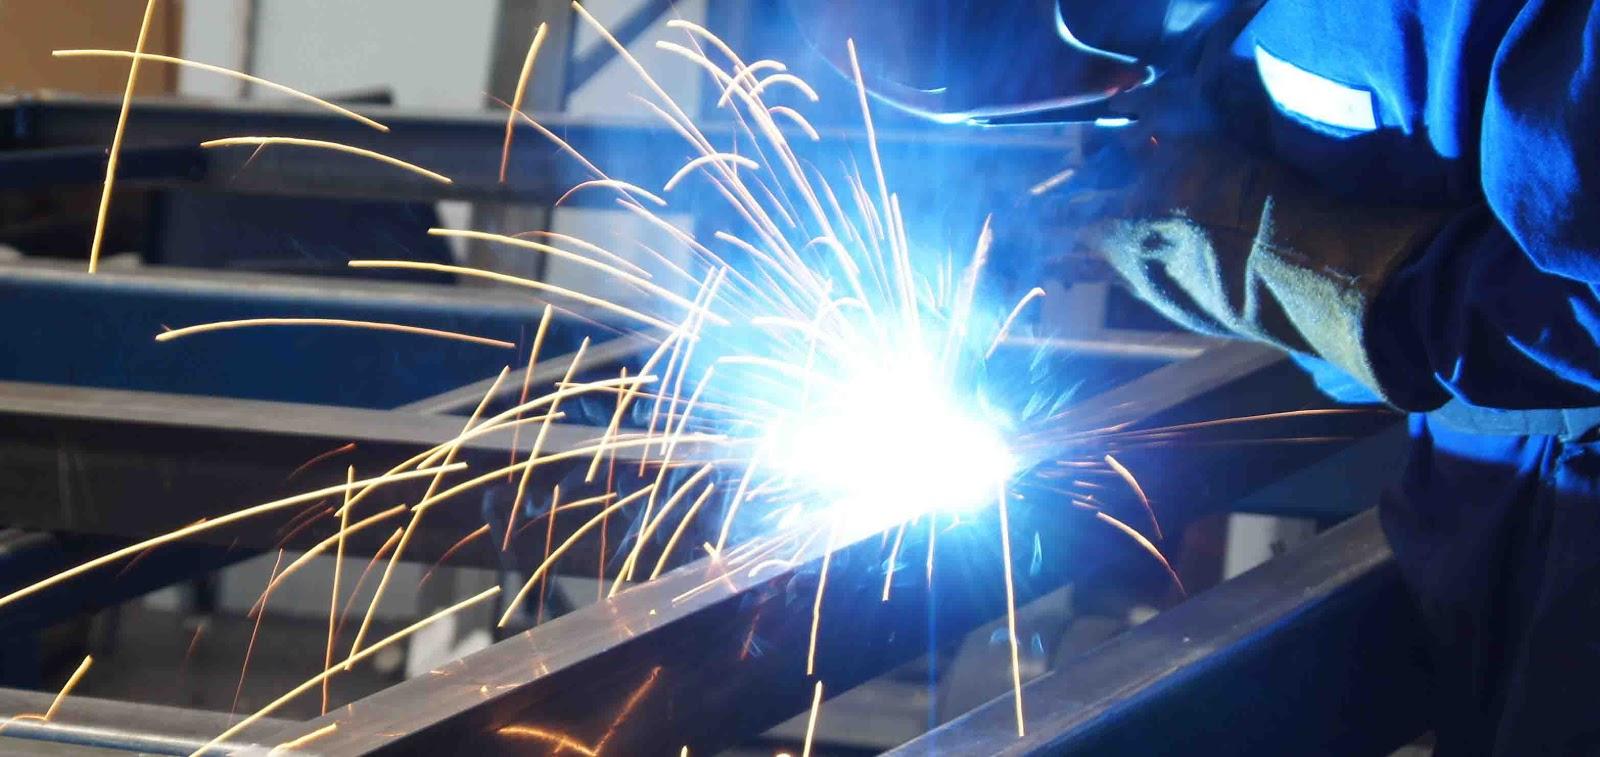 training Praktek Welding,pelatihan FINITE ELEMENT METHODS,training Praktek Welding Batam,training FINITE ELEMENT METHODS Bandung,training FINITE ELEMENT METHODS Jakarta,training FINITE ELEMENT METHODS Jogja,training FINITE ELEMENT METHODS Malang,training FINITE ELEMENT METHODS Surabaya,training FINITE ELEMENT METHODS Bali,training FINITE ELEMENT METHODS Lombok,pelatihan FINITE ELEMENT METHODS Batam,pelatihan FINITE ELEMENT METHODS Bandung,pelatihan FINITE ELEMENT METHODS Jakarta,pelatihan FINITE ELEMENT METHODS Jogja,pelatihan FINITE ELEMENT METHODS Malang,pelatihan FINITE ELEMENT METHODS Surabaya,pelatihan FINITE ELEMENT METHODS Bali,pelatihan FINITE ELEMENT METHODS Lombok